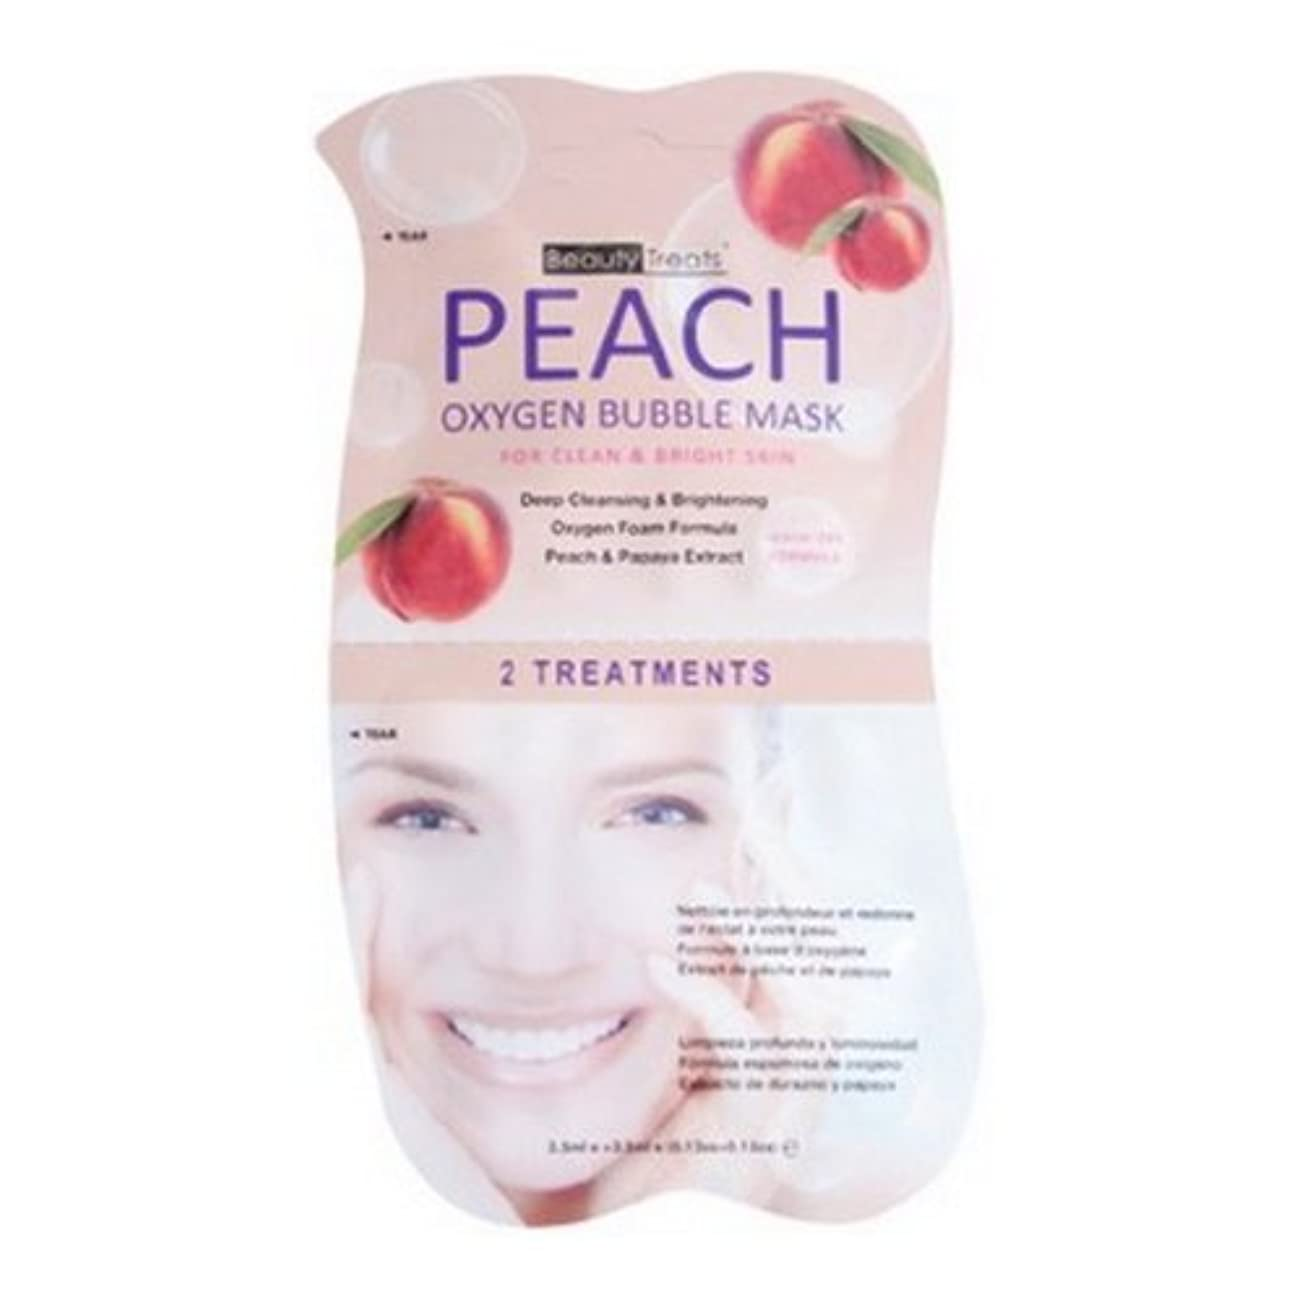 鳴らすペネロペモンキー(3 Pack) BEAUTY TREATS Peach Oxygen Bubble Mask - Peach (並行輸入品)